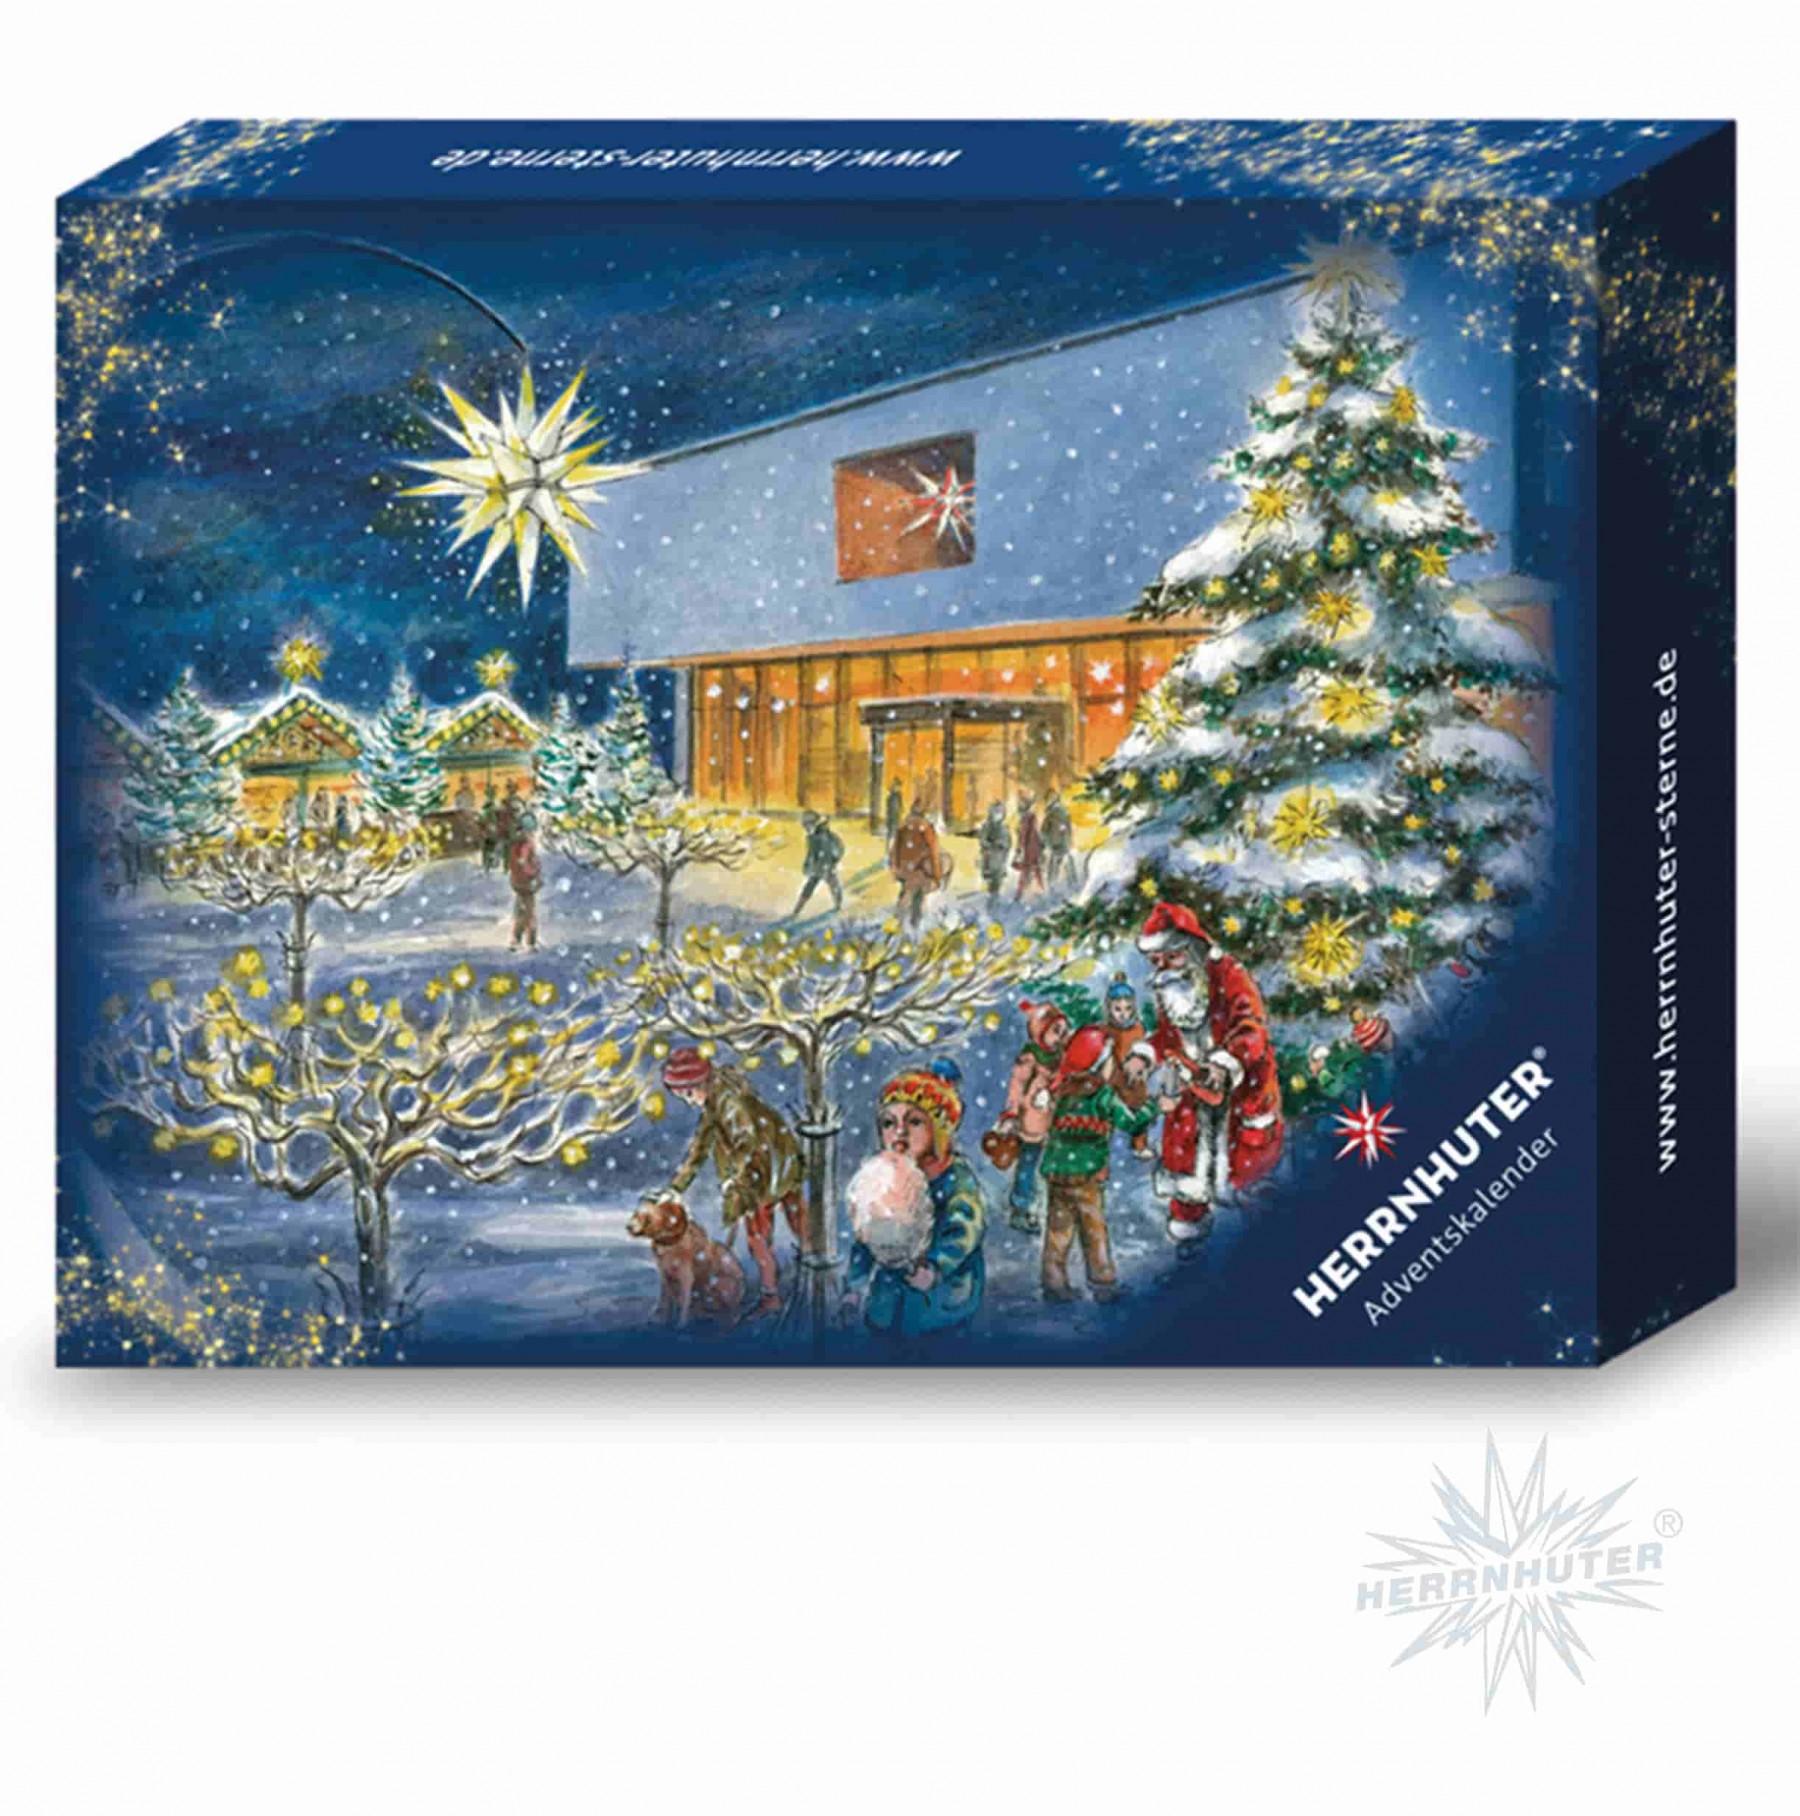 Weihnachtsstern Adventskalender